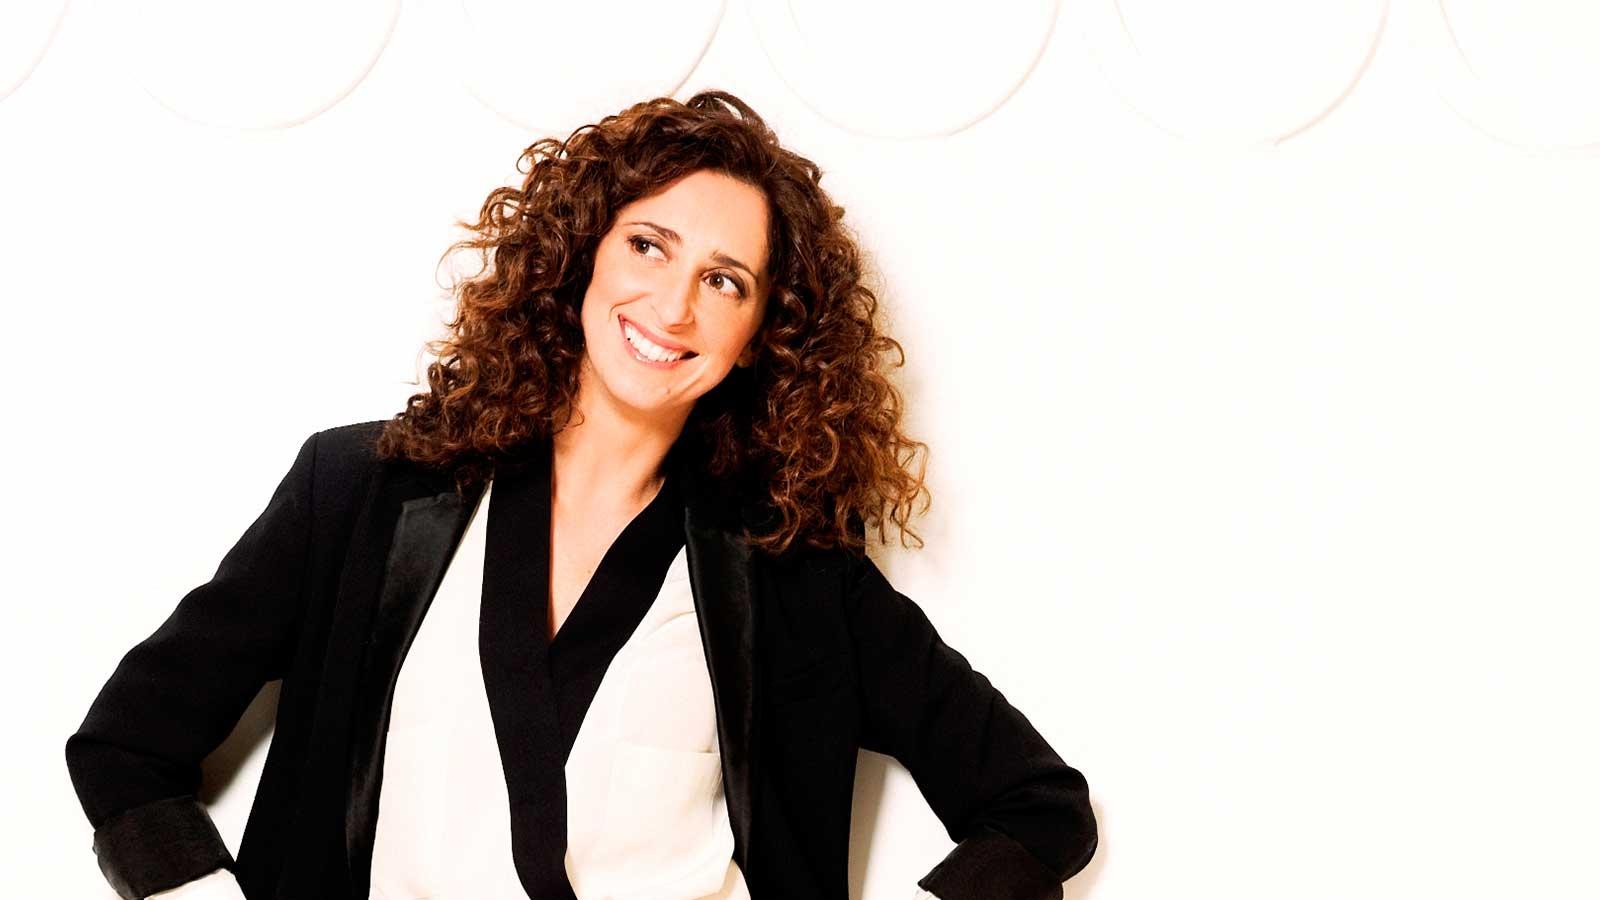 Teresa Mannino tra gli eventi speciali del cartellone del Teatro Garibaldi di Enna.